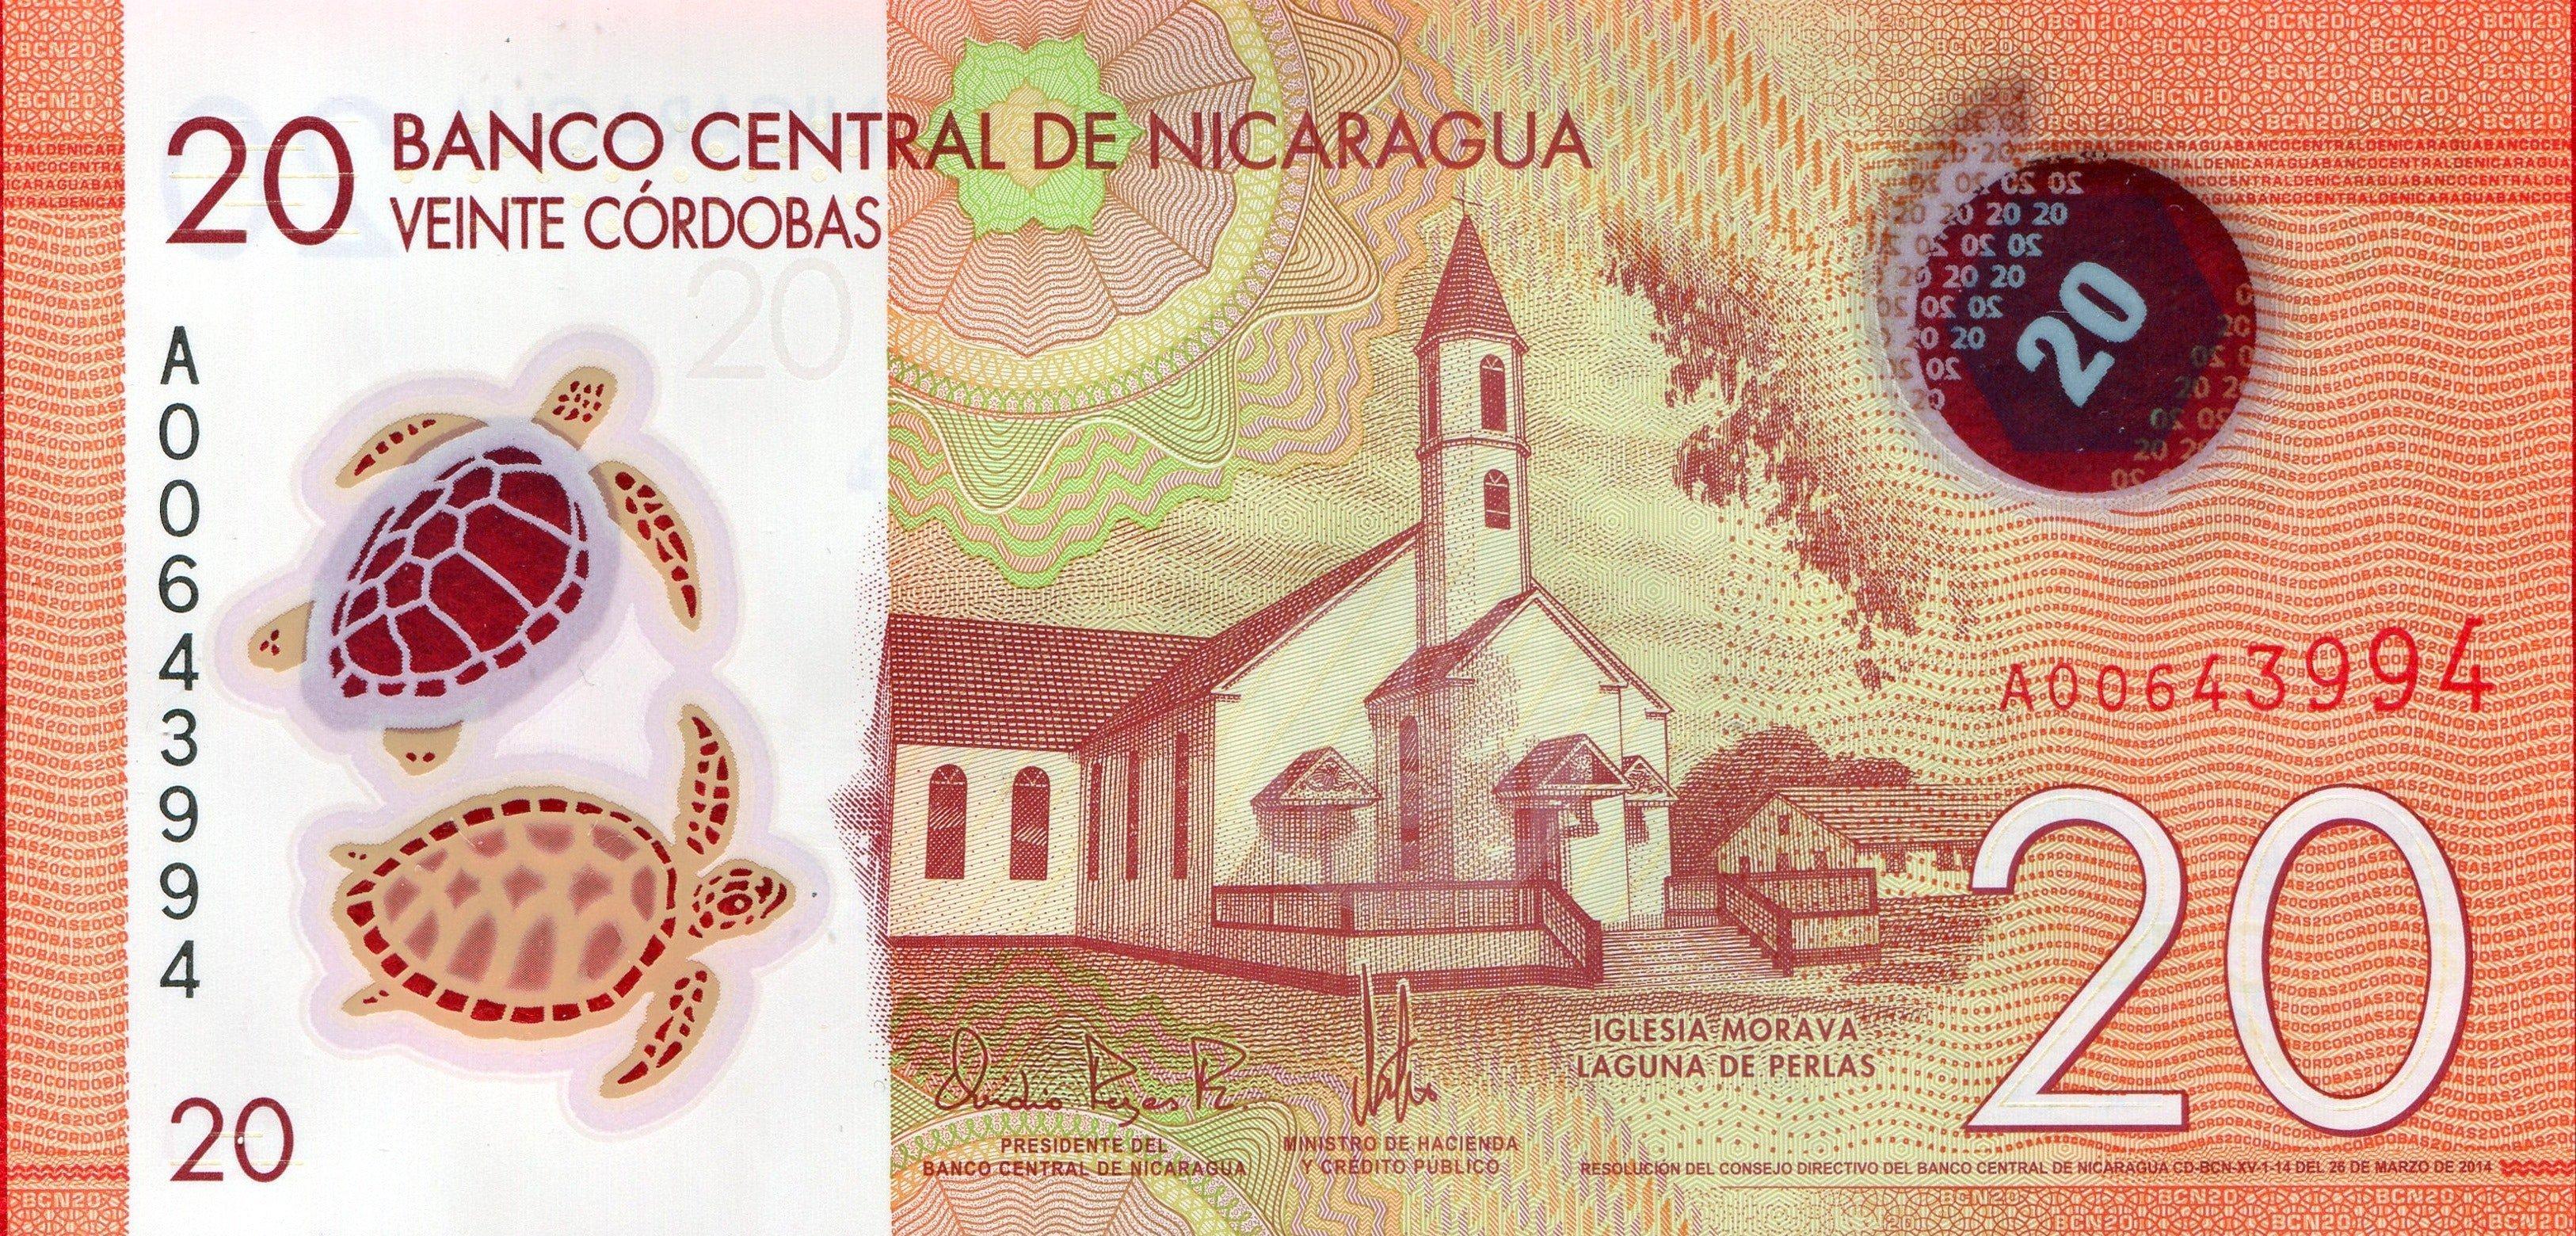 Billete de 20 córdobas nicaragüenses